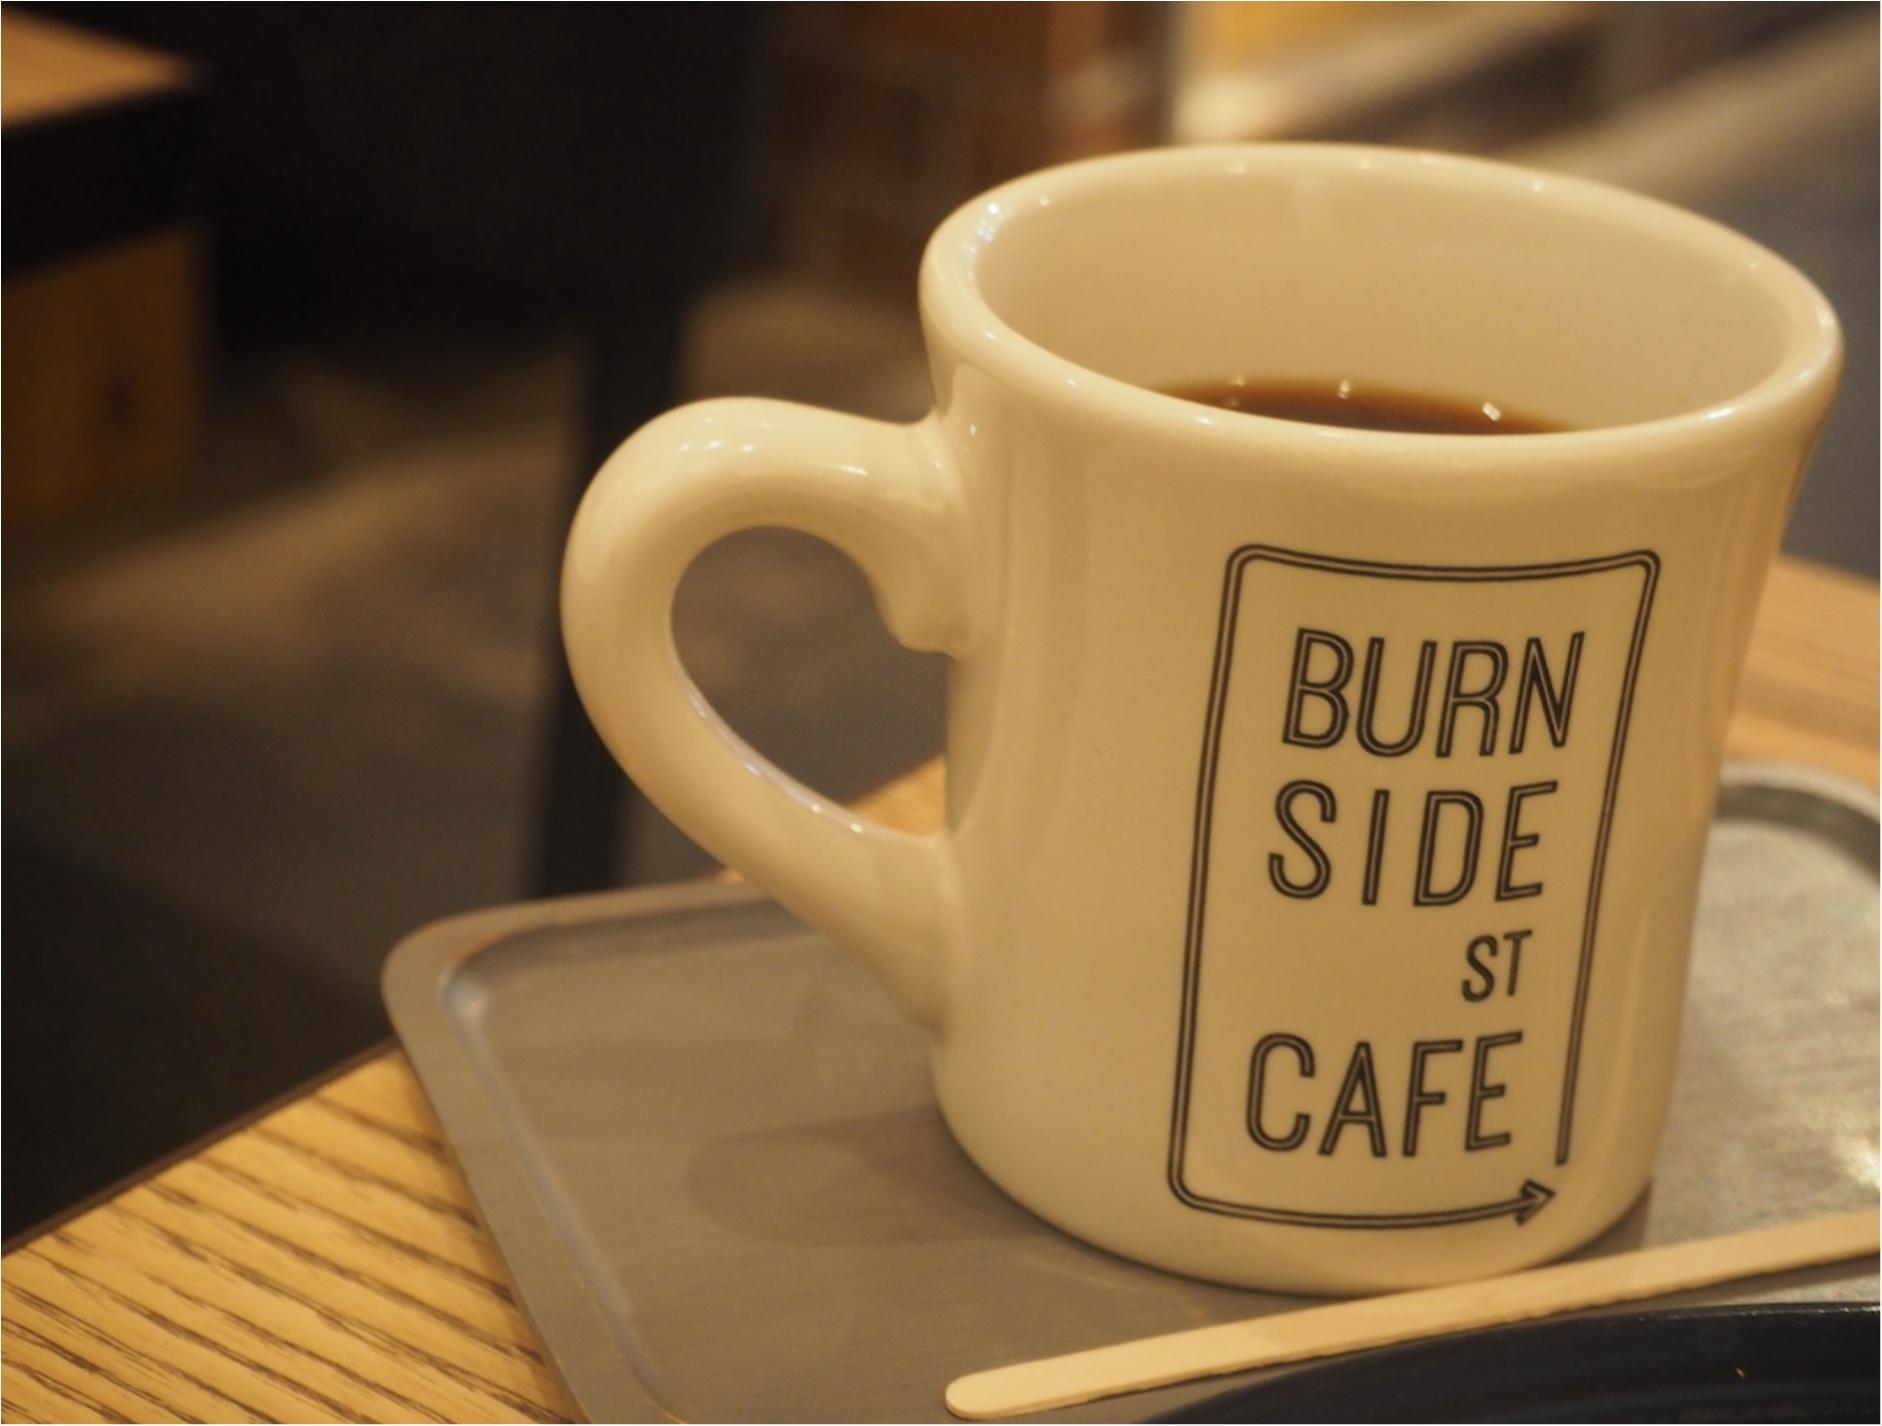 早く起きた朝は「burnsidestcafe (バーンサイドストリートカフェ)」でパンケーキがオススメ!_3